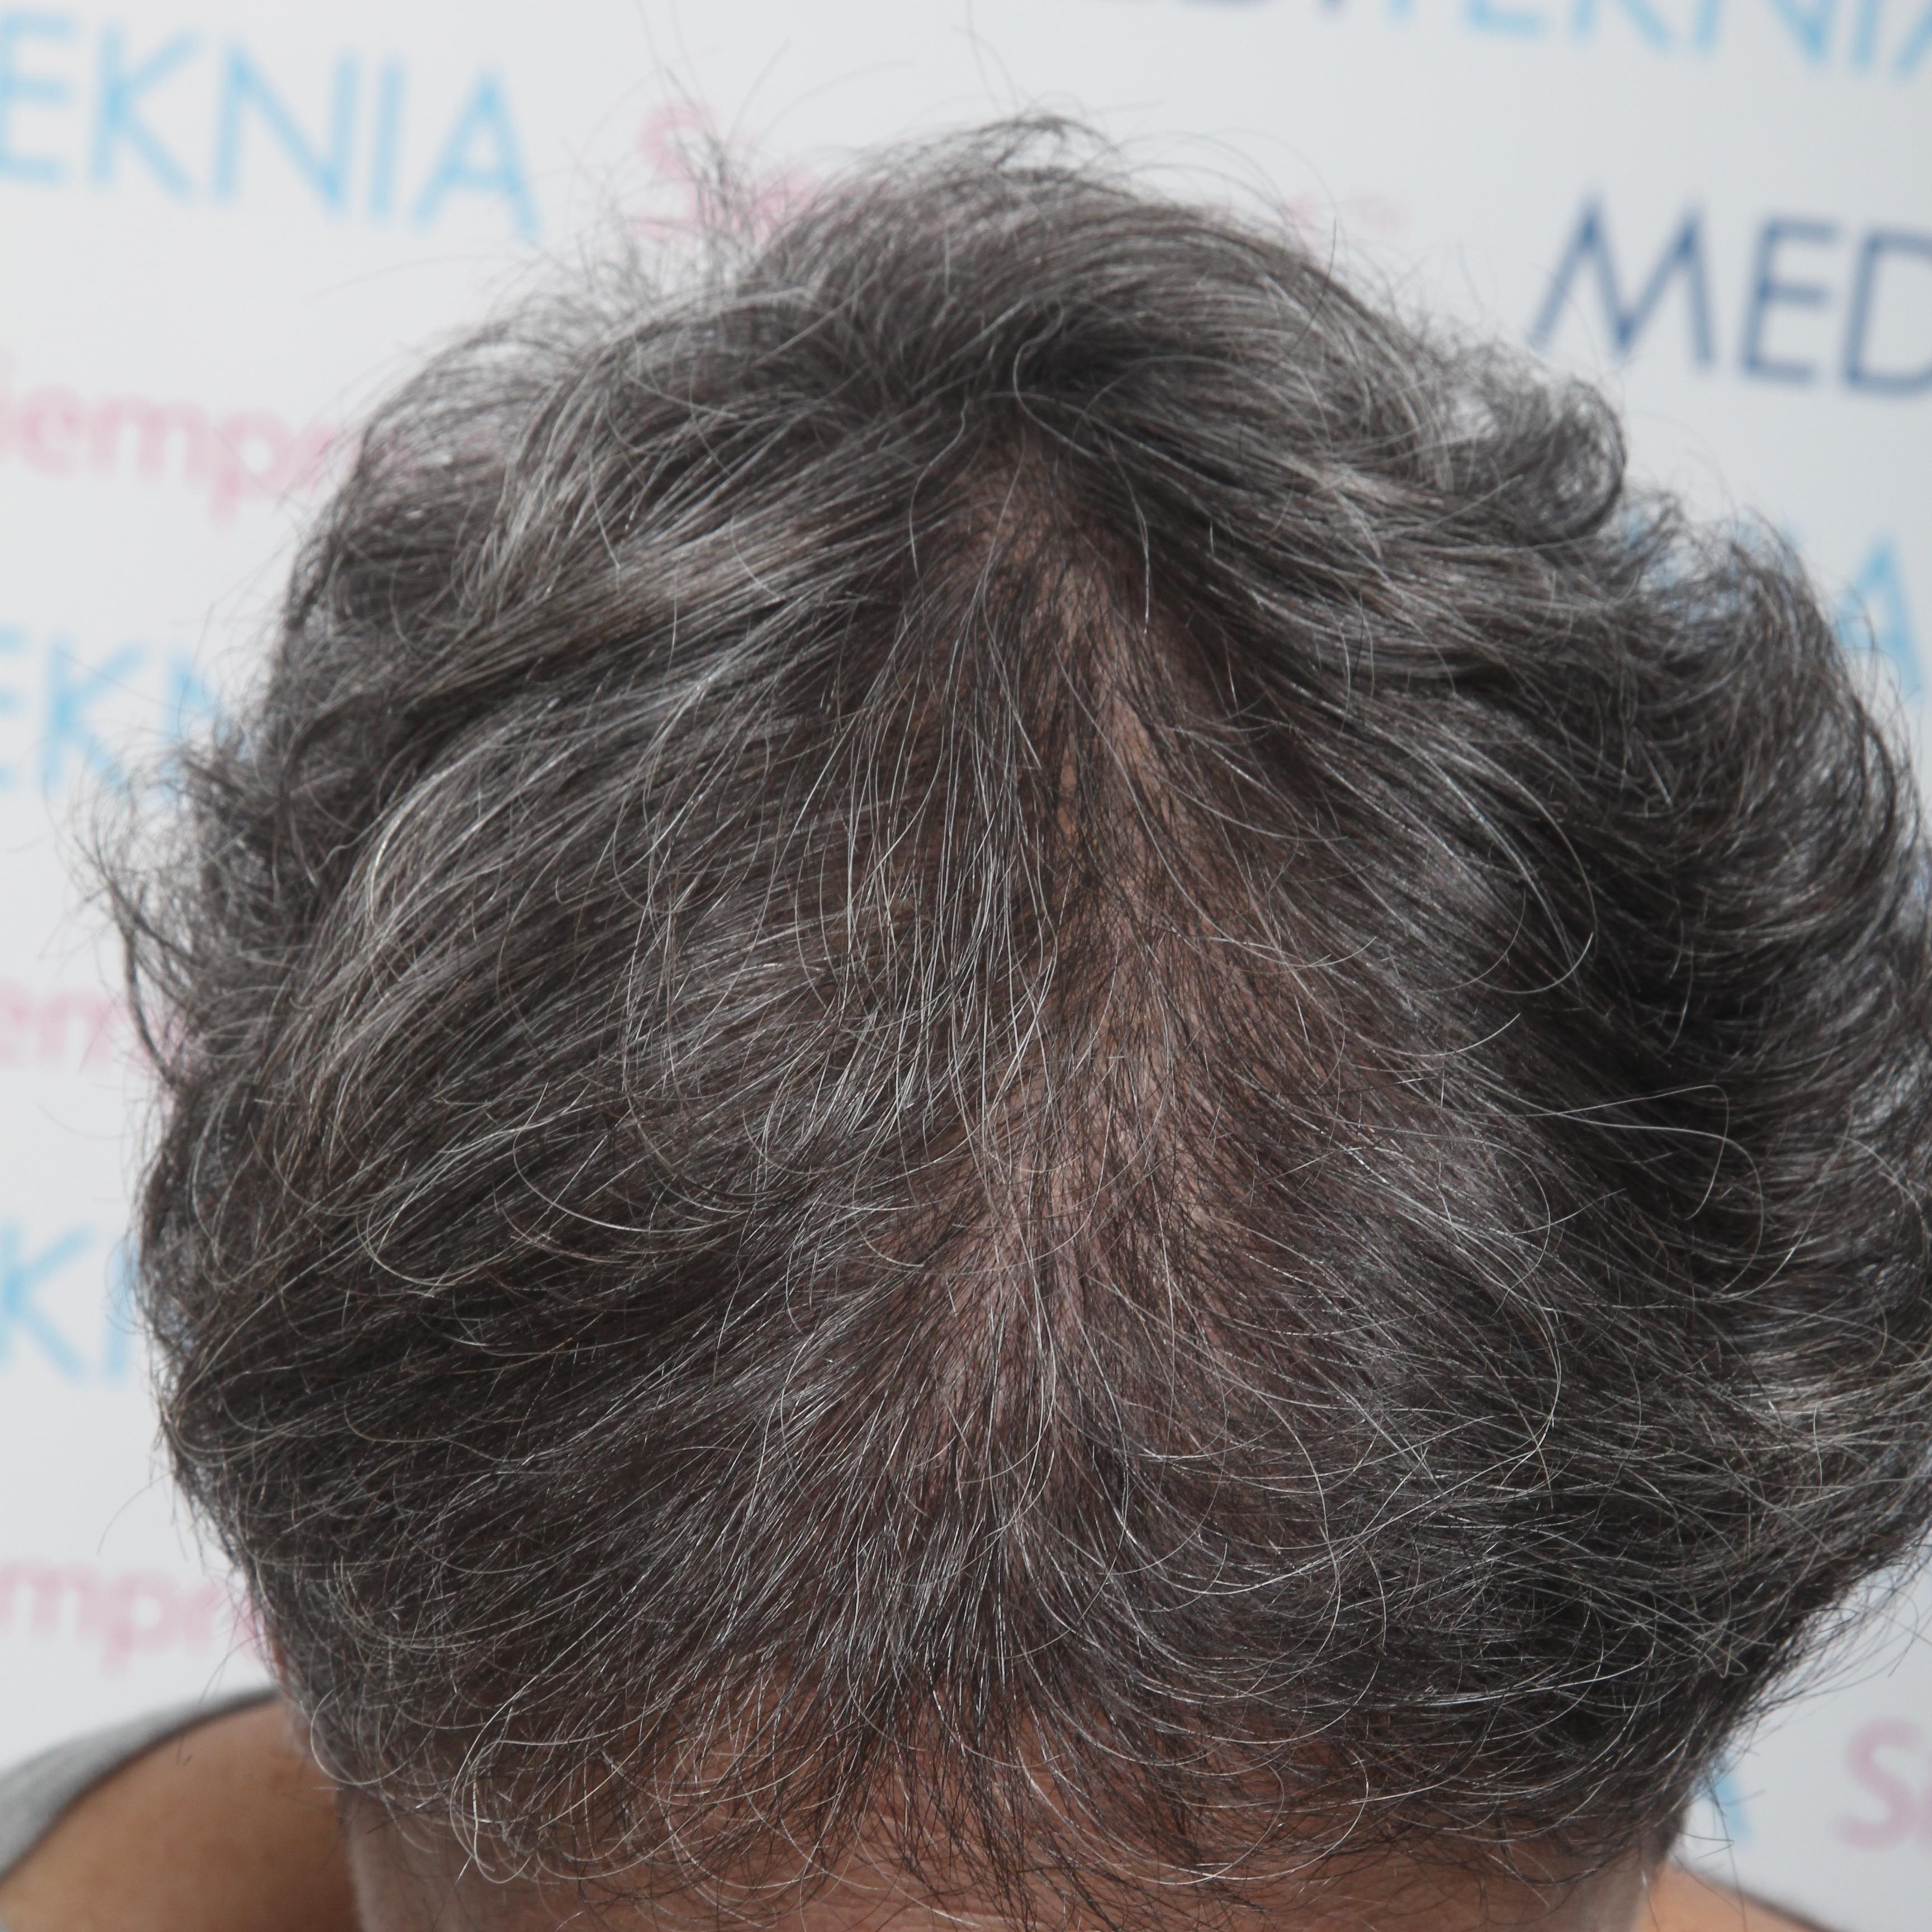 Despues Alopecia androgenetica femenina con clareas en zona frontal central